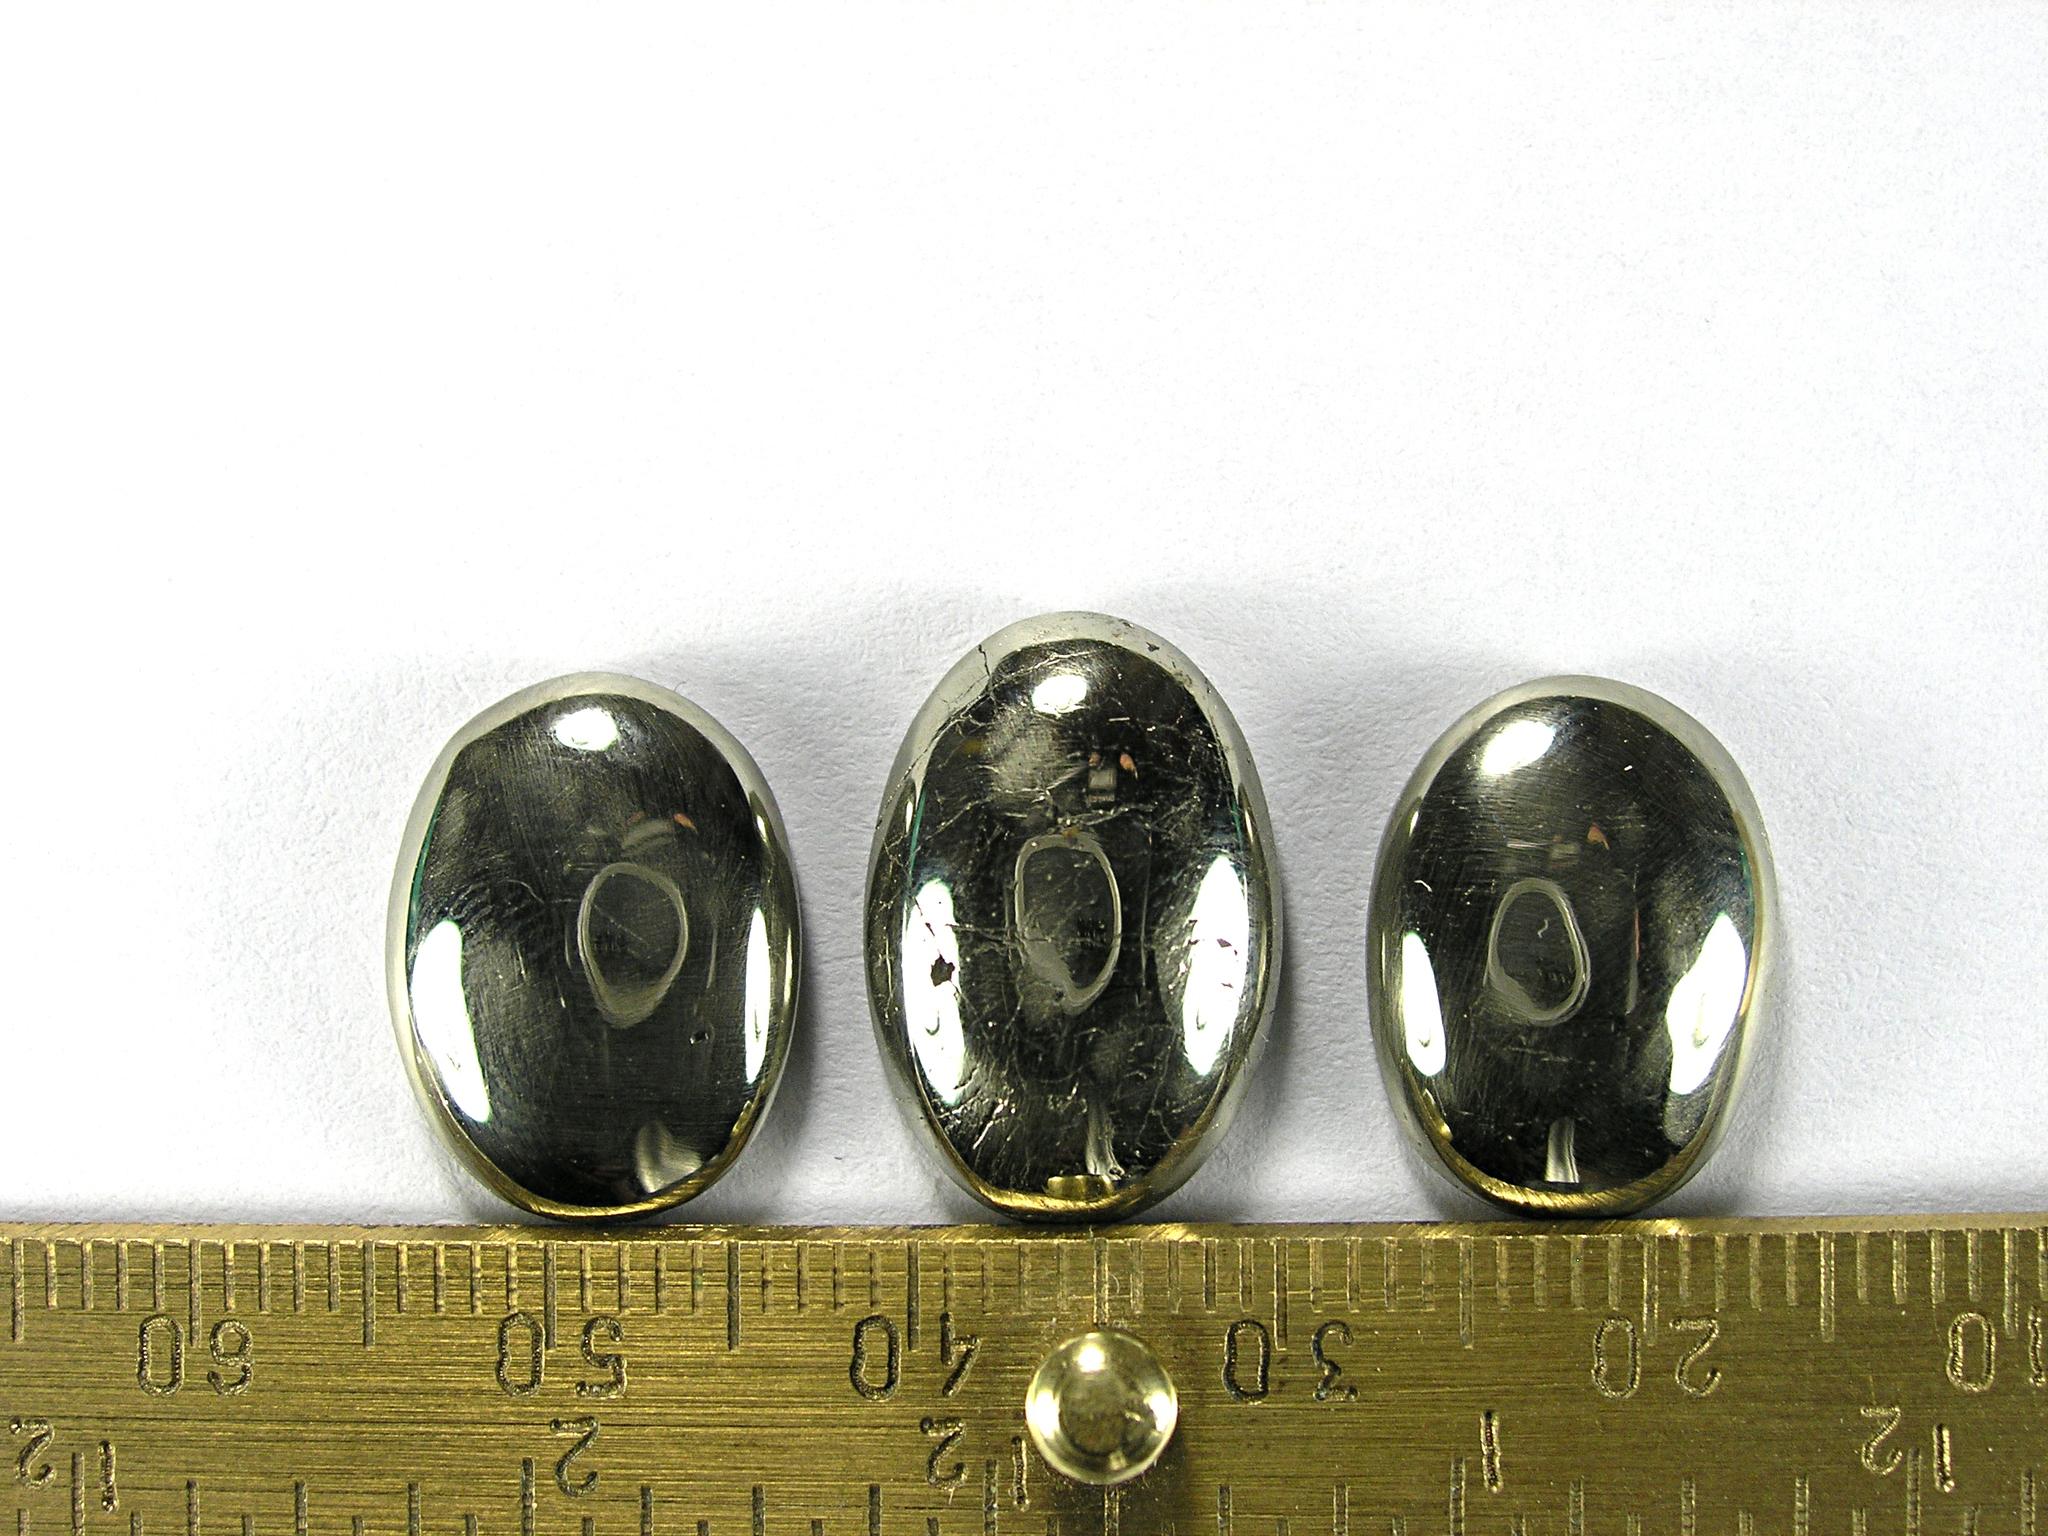 Комплект кабошонов пирита 15x12x4 мм - 2 шт., 17x12x4 мм - 1 шт.